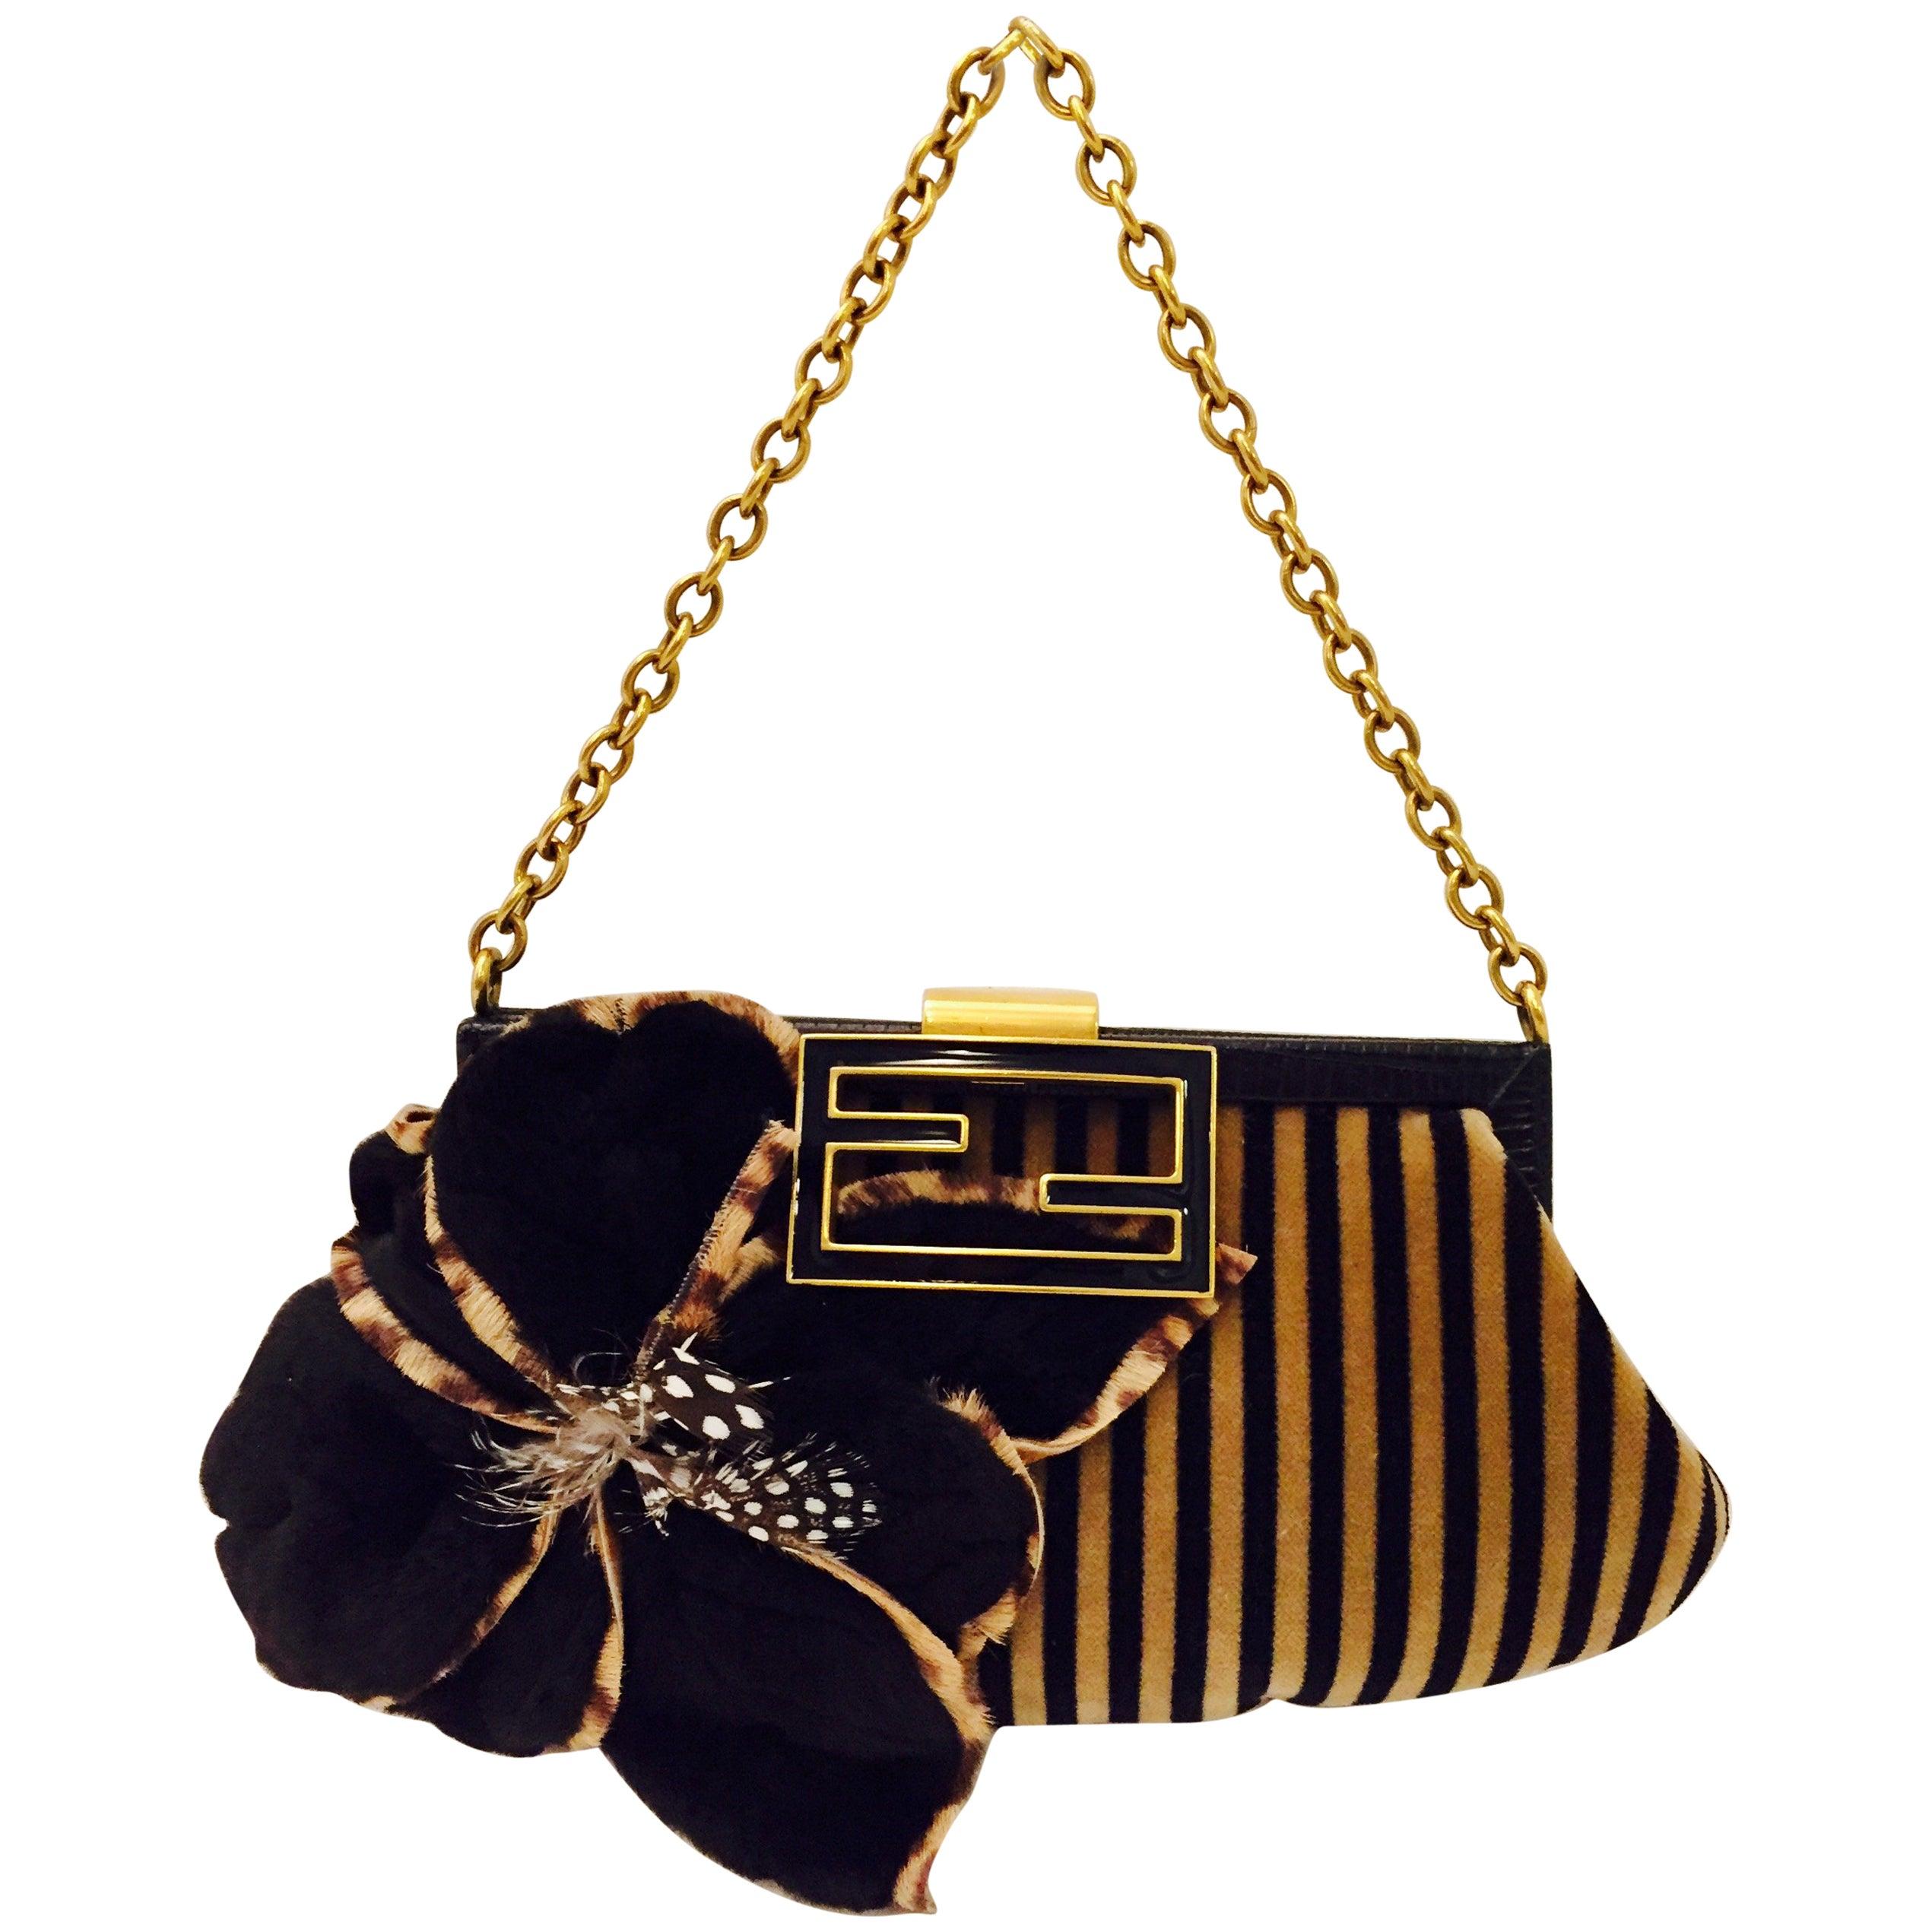 88d562e00a Fendi Black and Tan Velvet Striped Evening Bag With Mink Embellished Flower  For Sale at 1stdibs